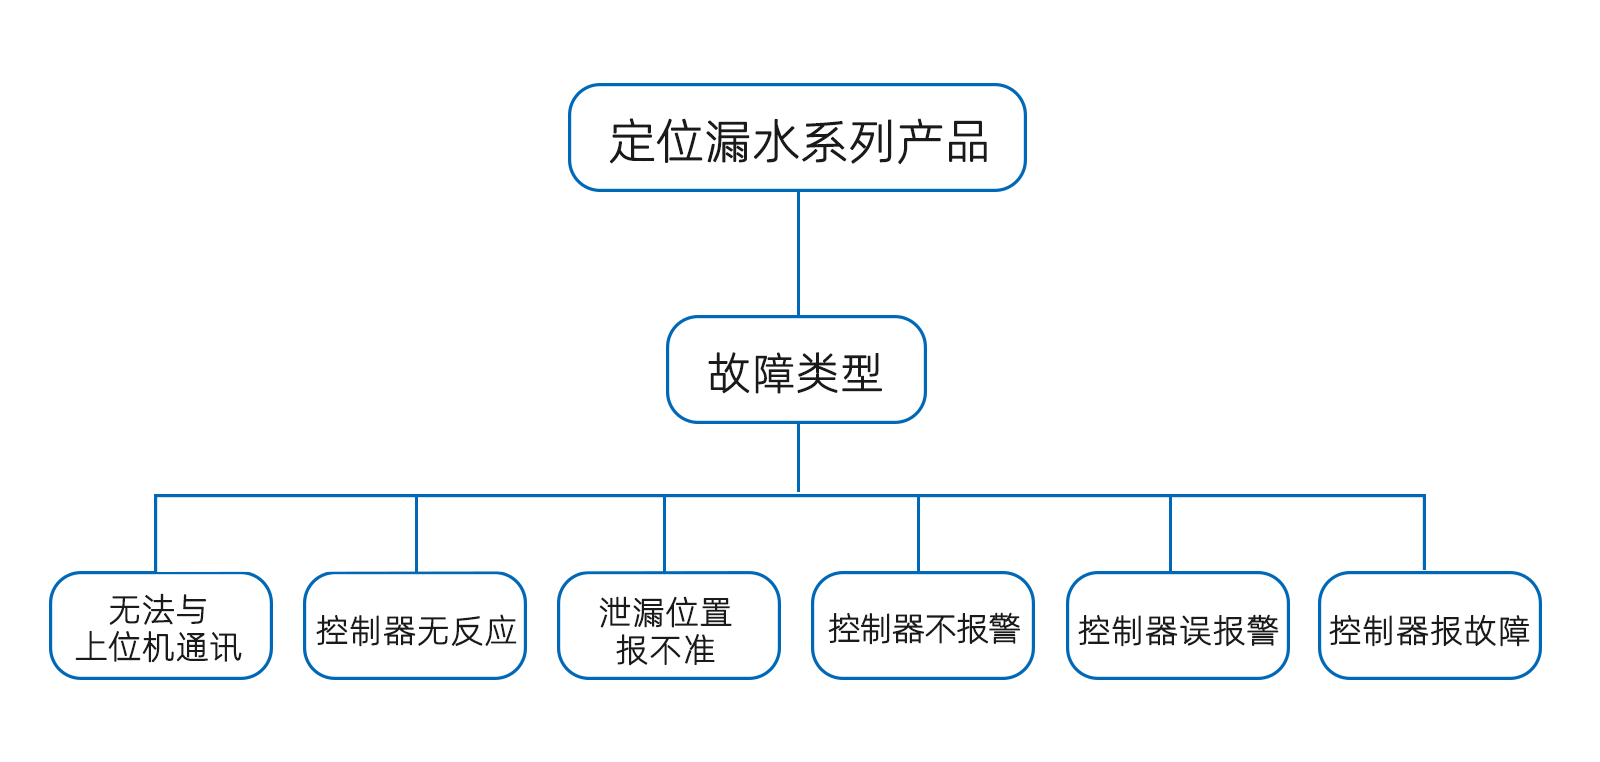 祥为万博app官方下载产品故障排查